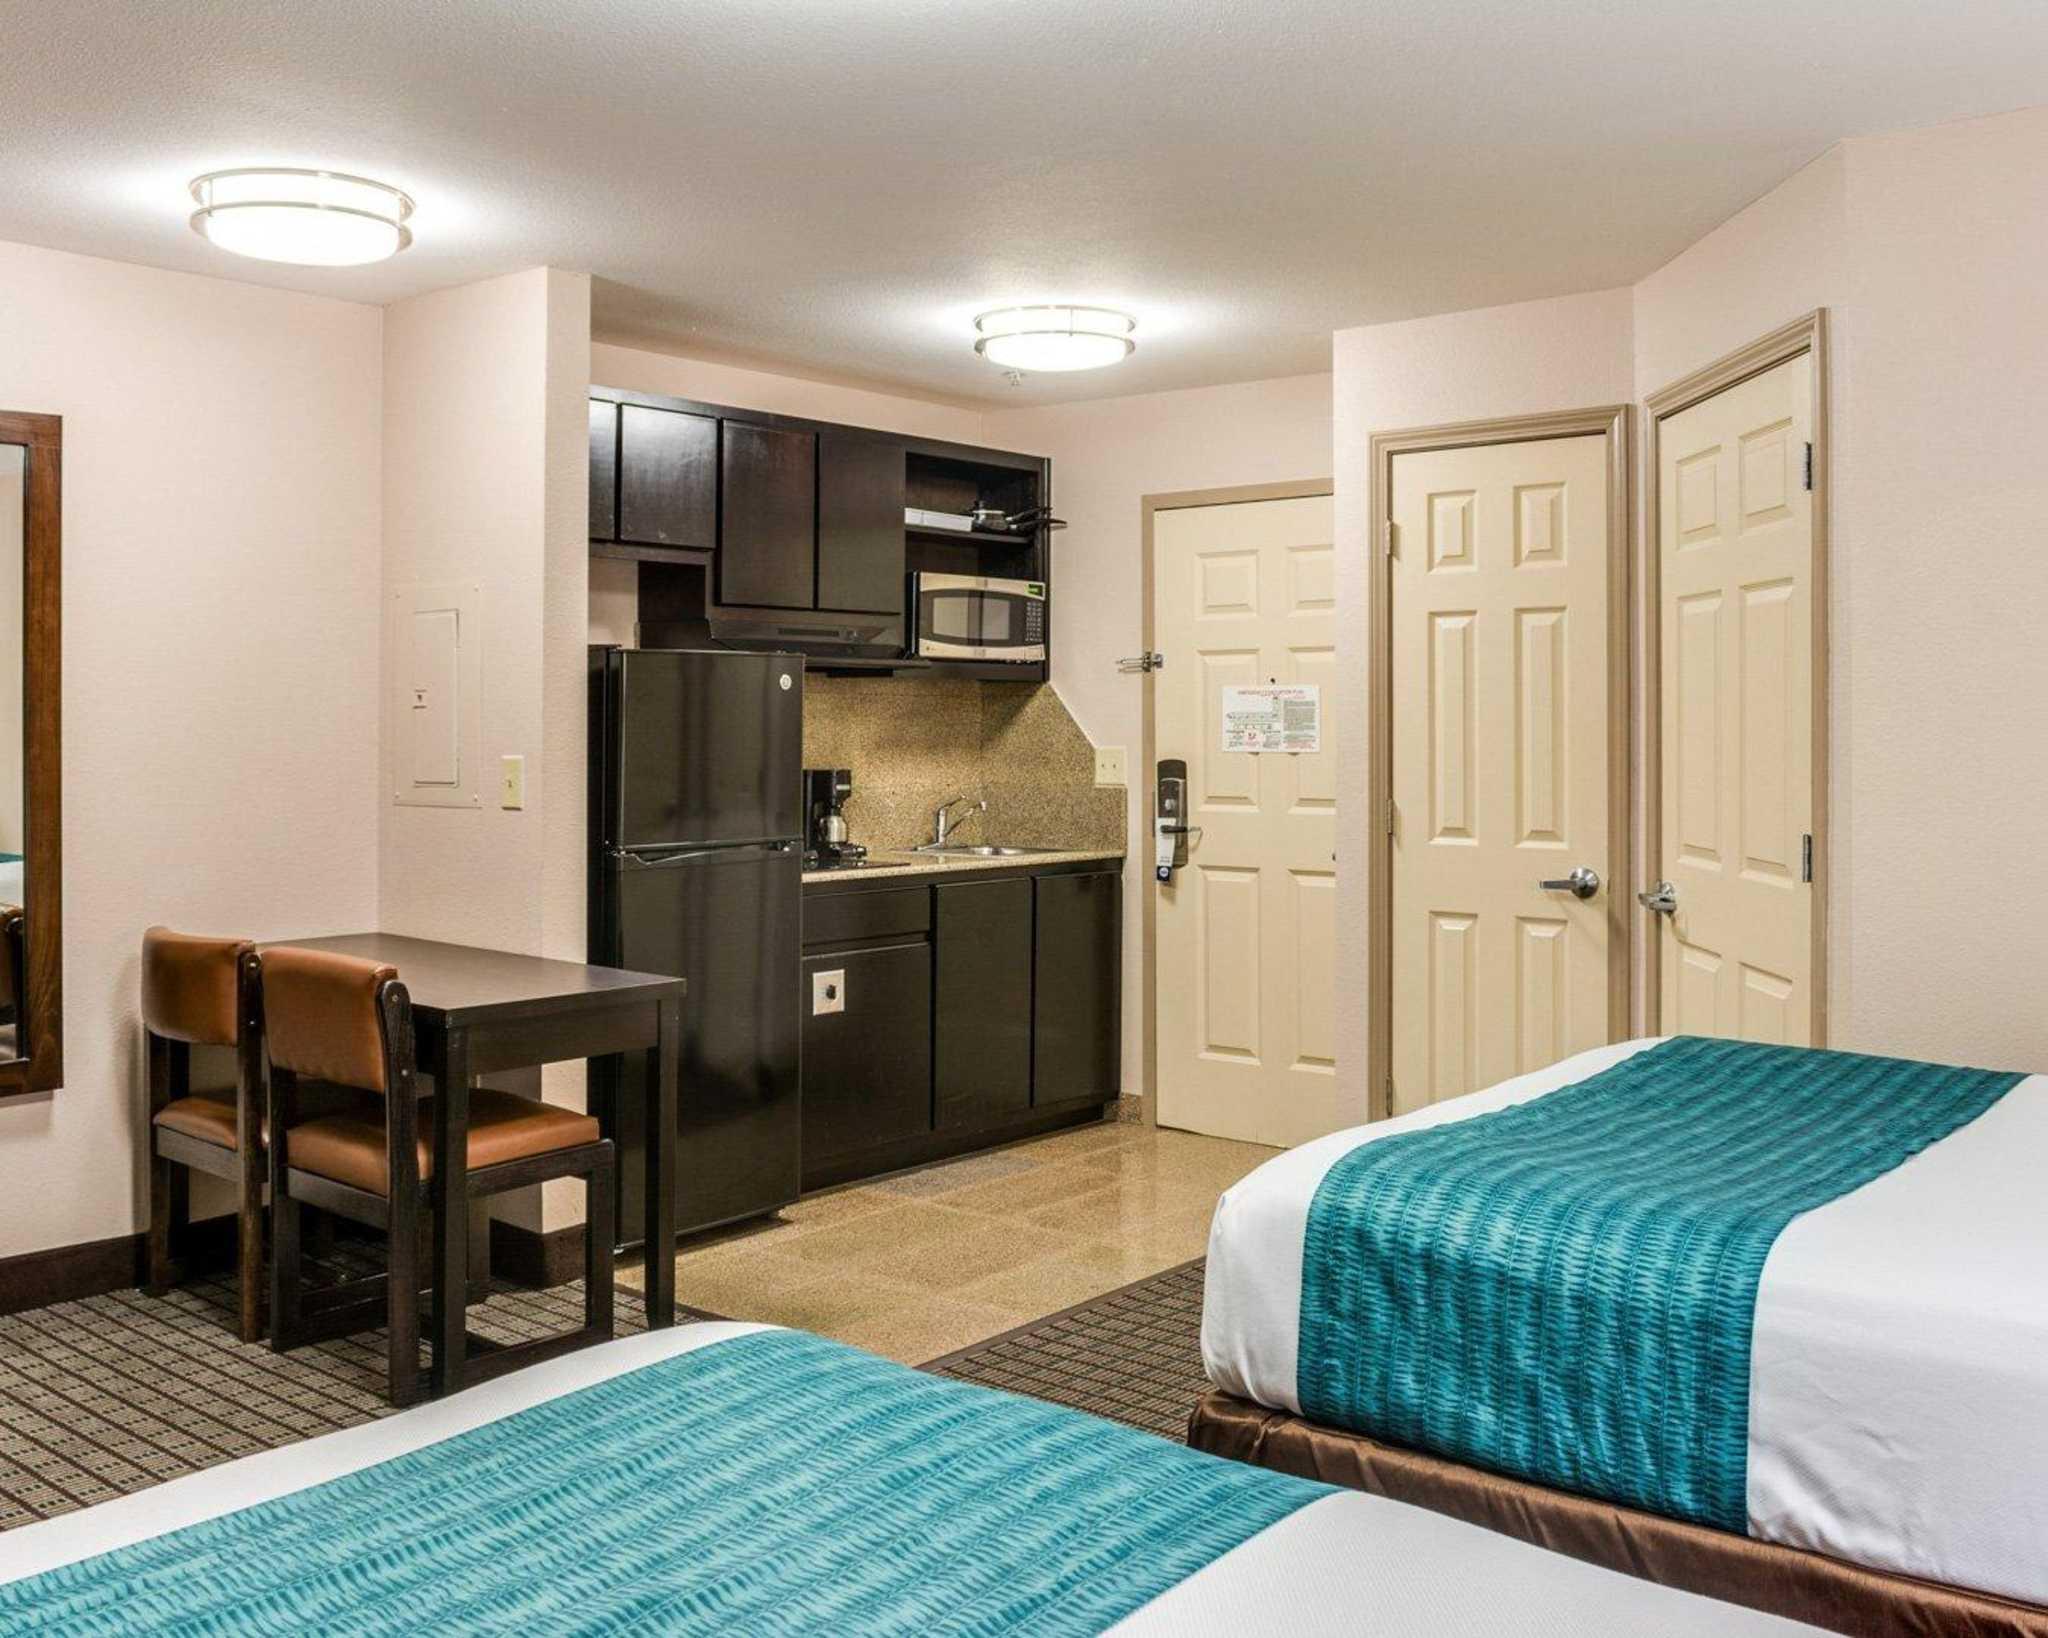 Hotels In Avondale La